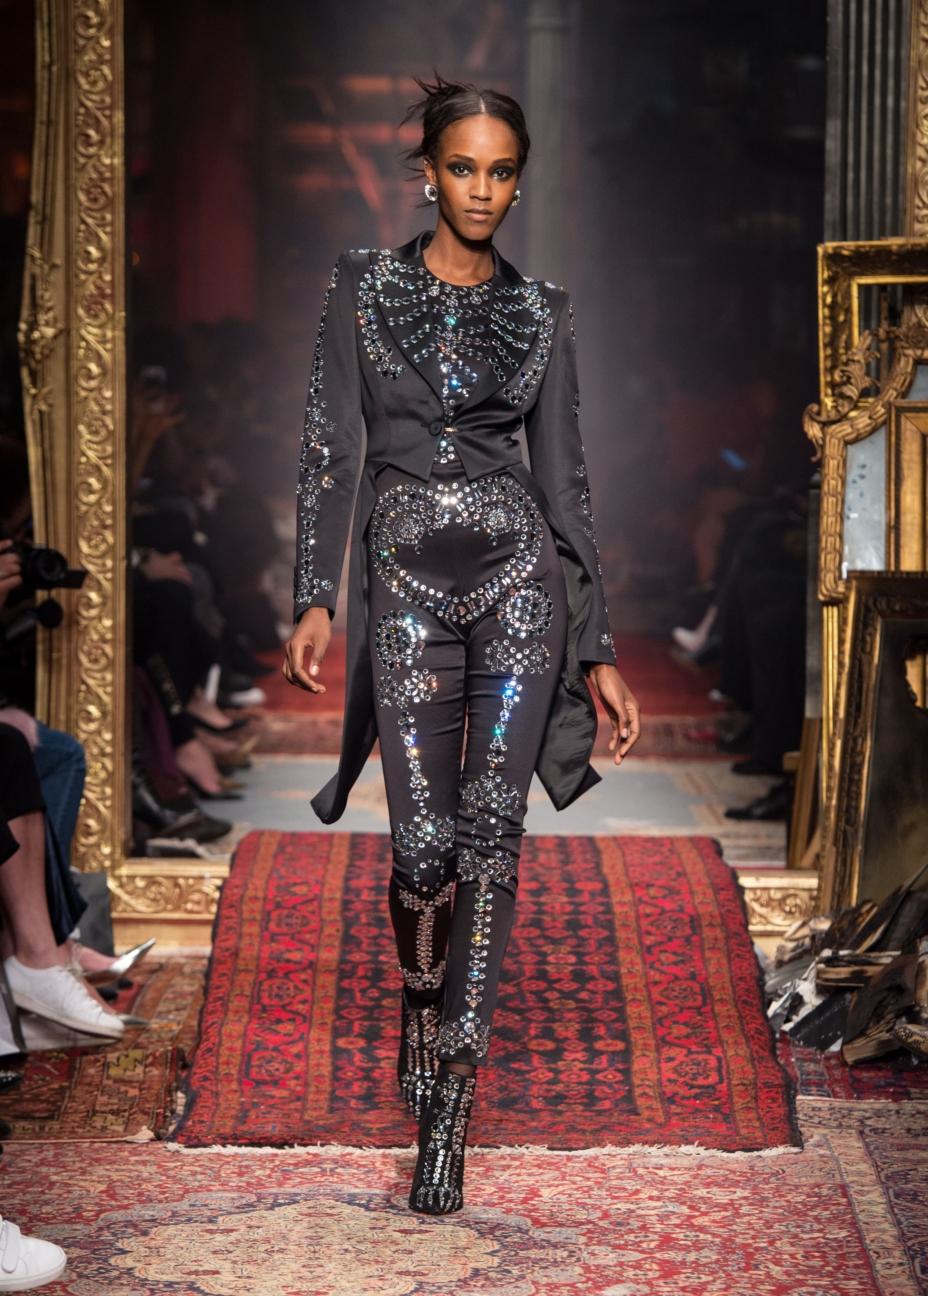 moschino-milan-fashion-week-aw-16-52